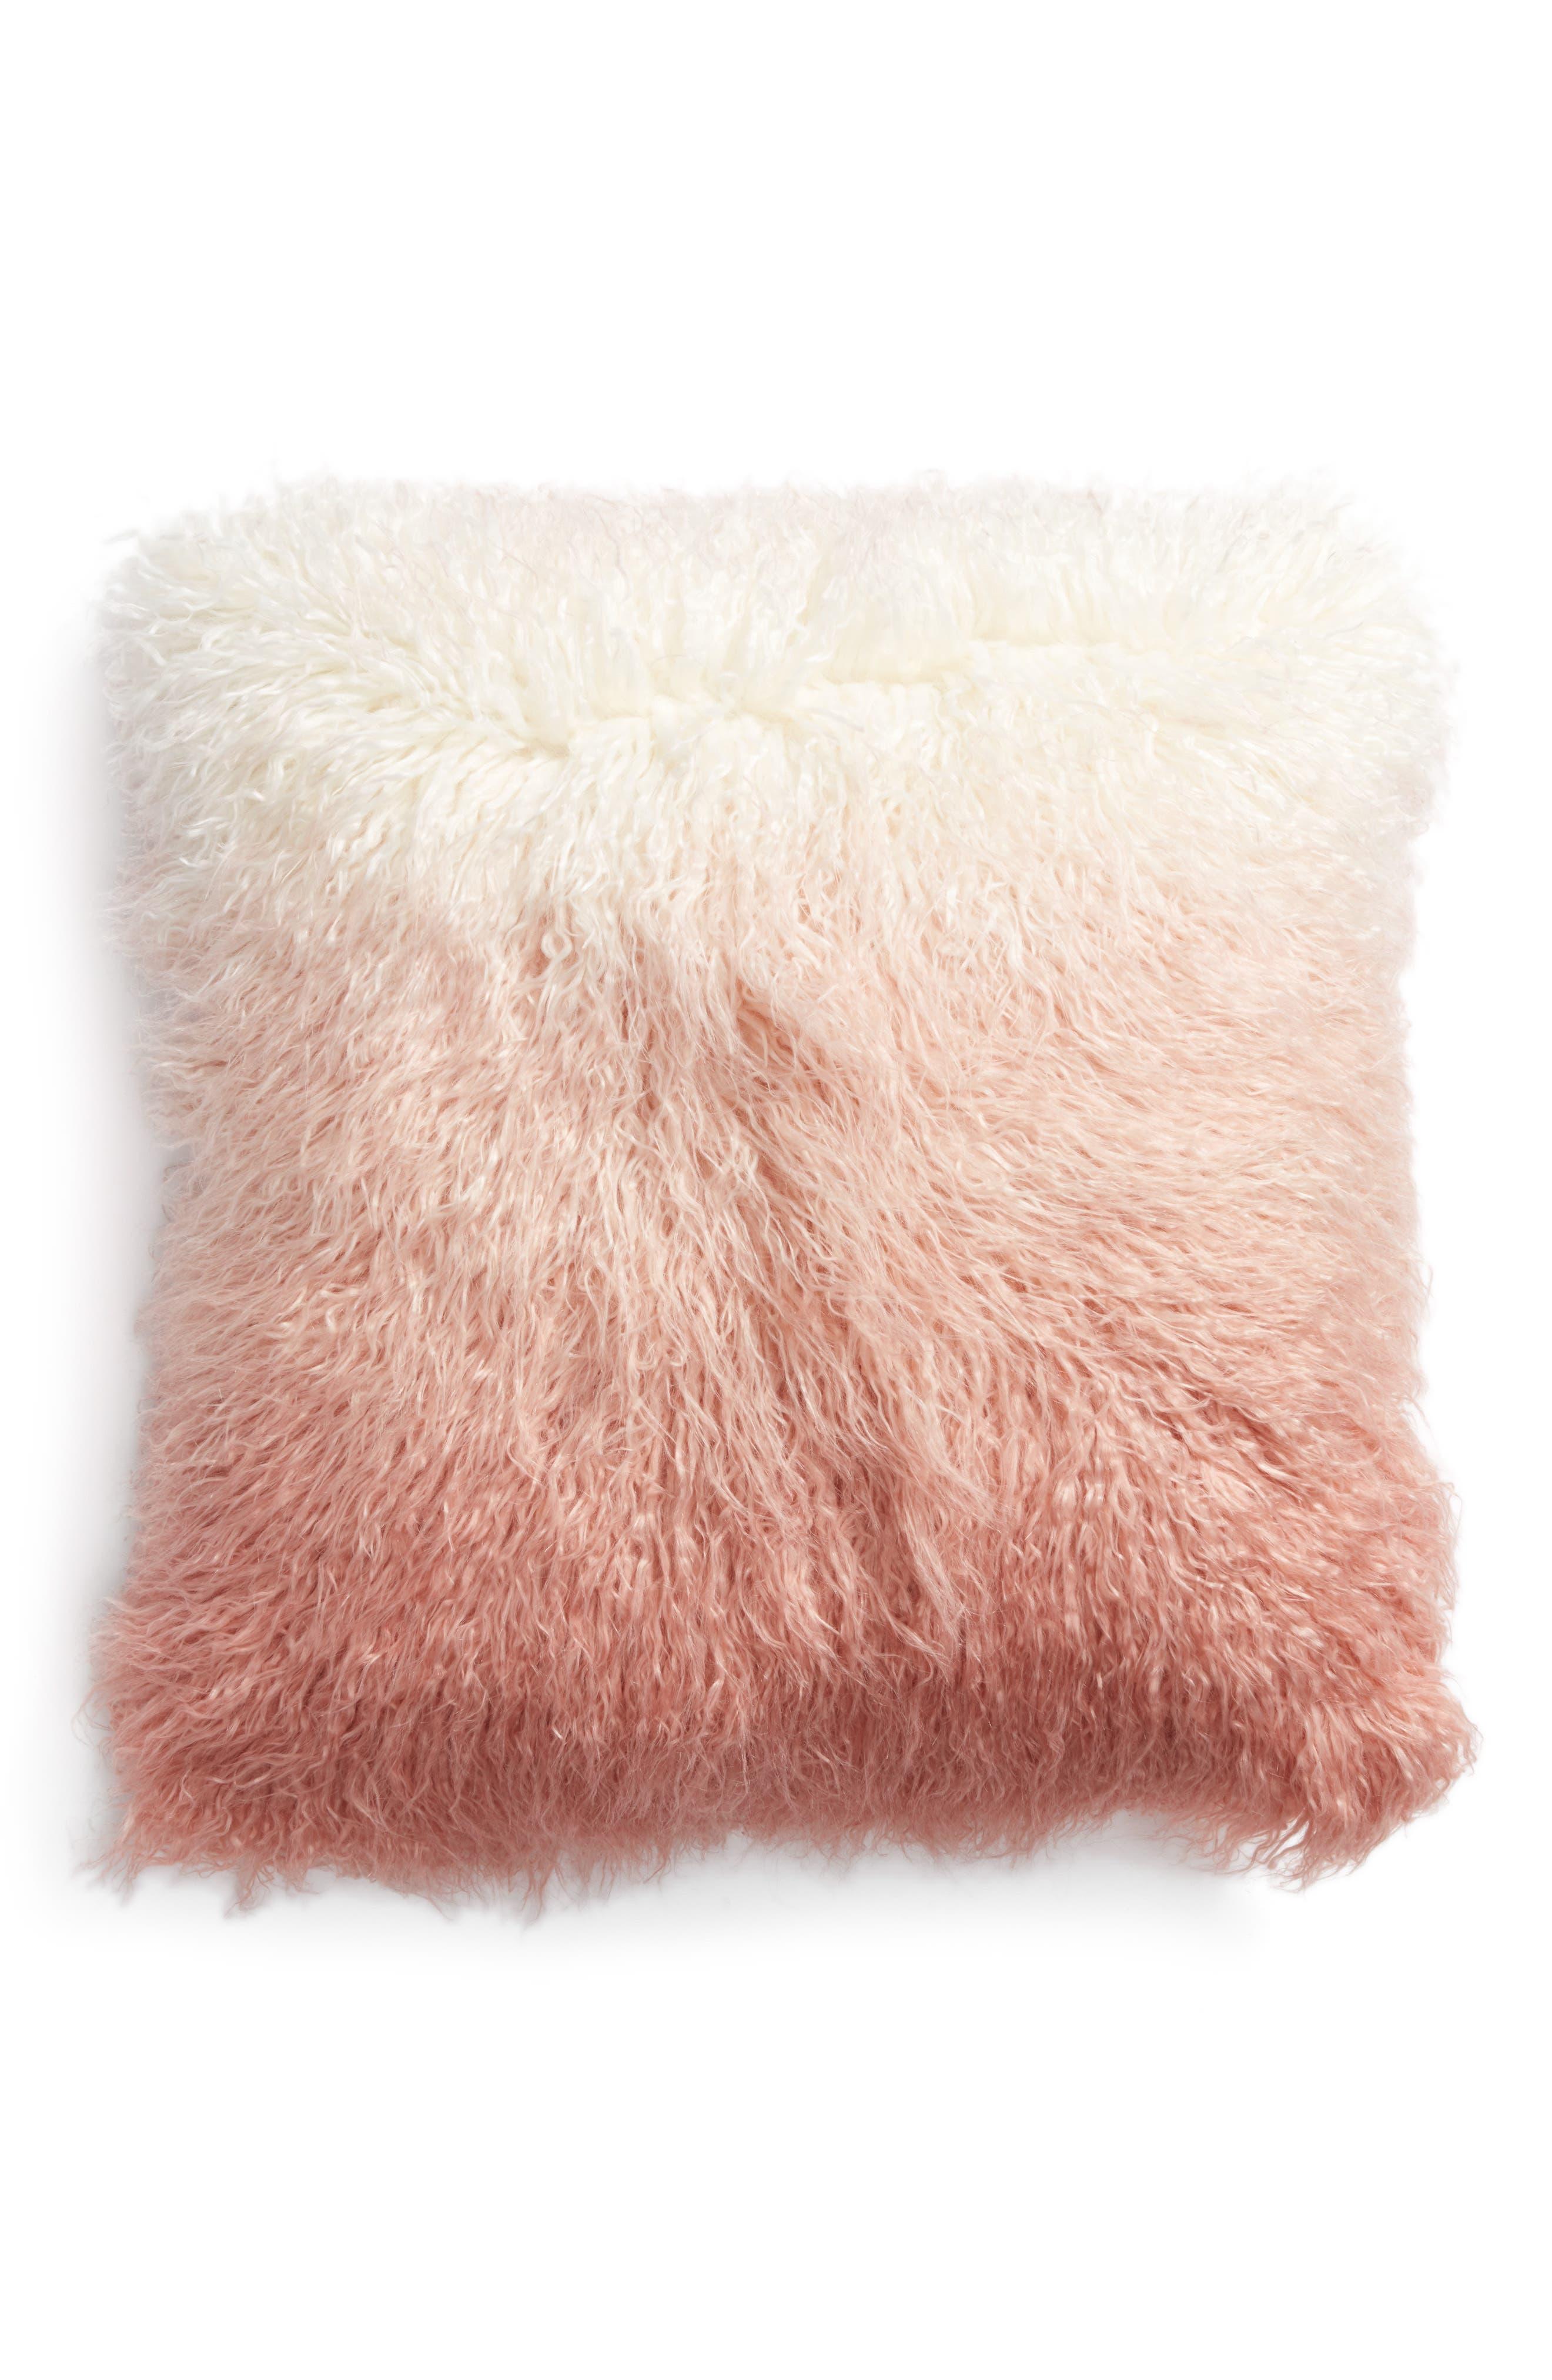 Ombré Faux Fur Flokati Accent Pillow,                             Main thumbnail 4, color,